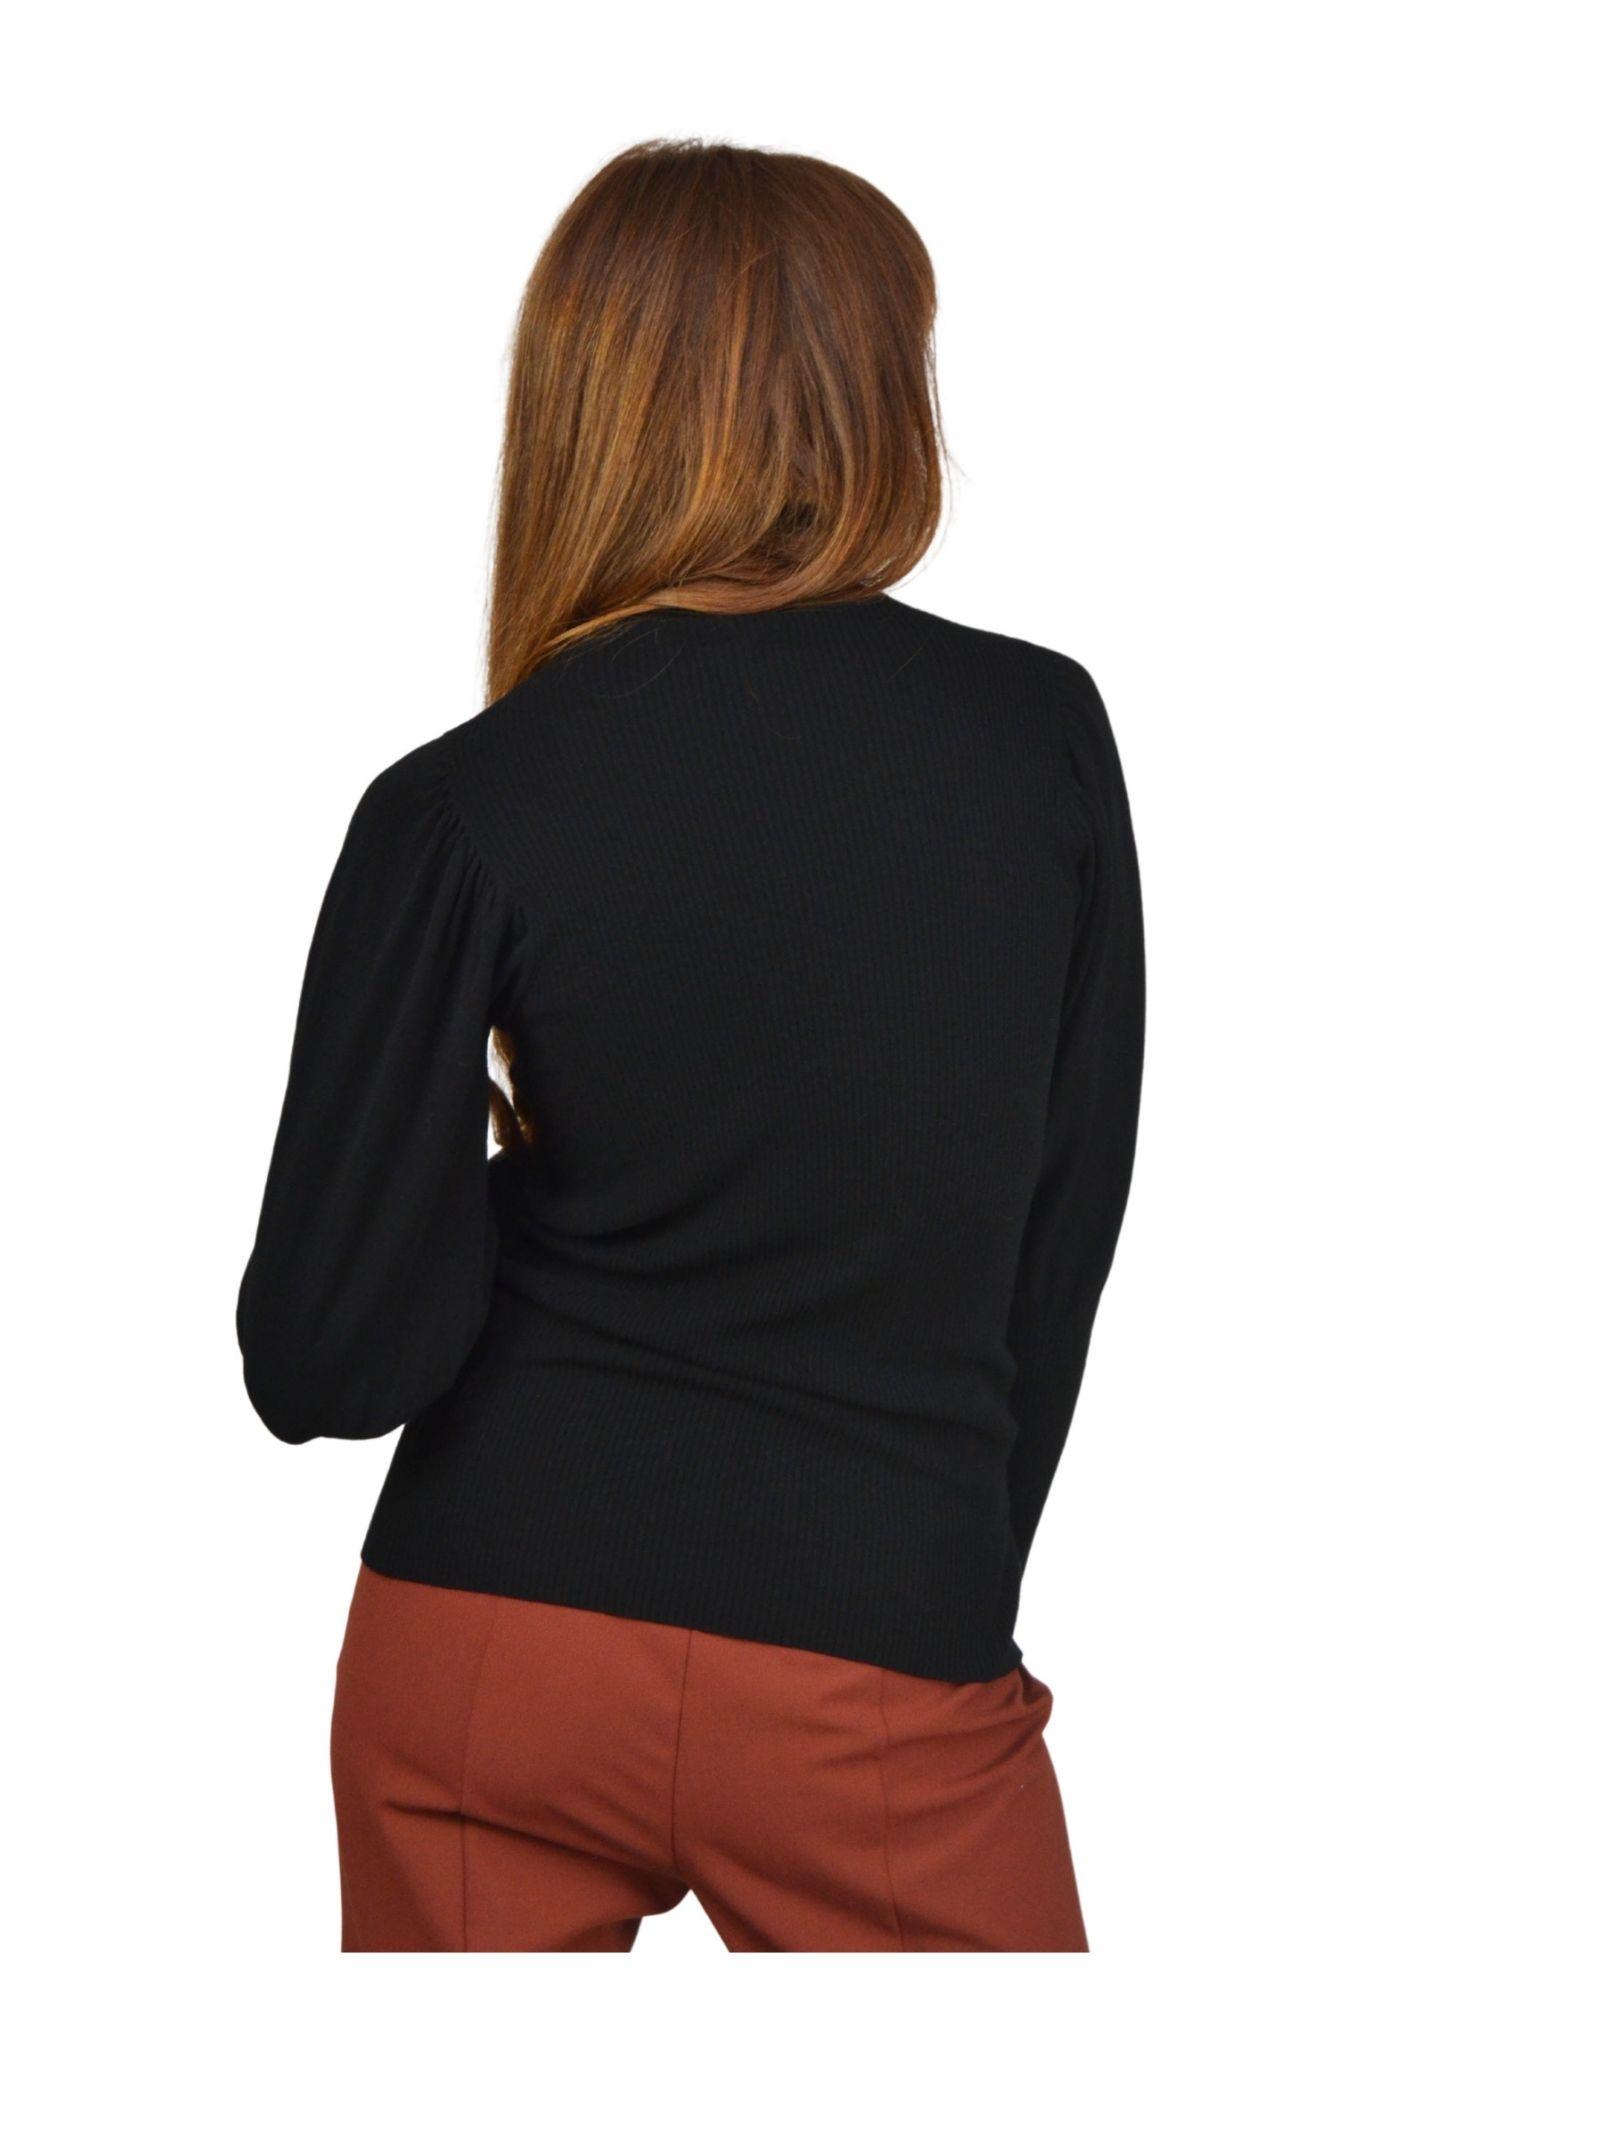 Women's Black Sweater Maliparmi | Knitwear | JQ48517047520000